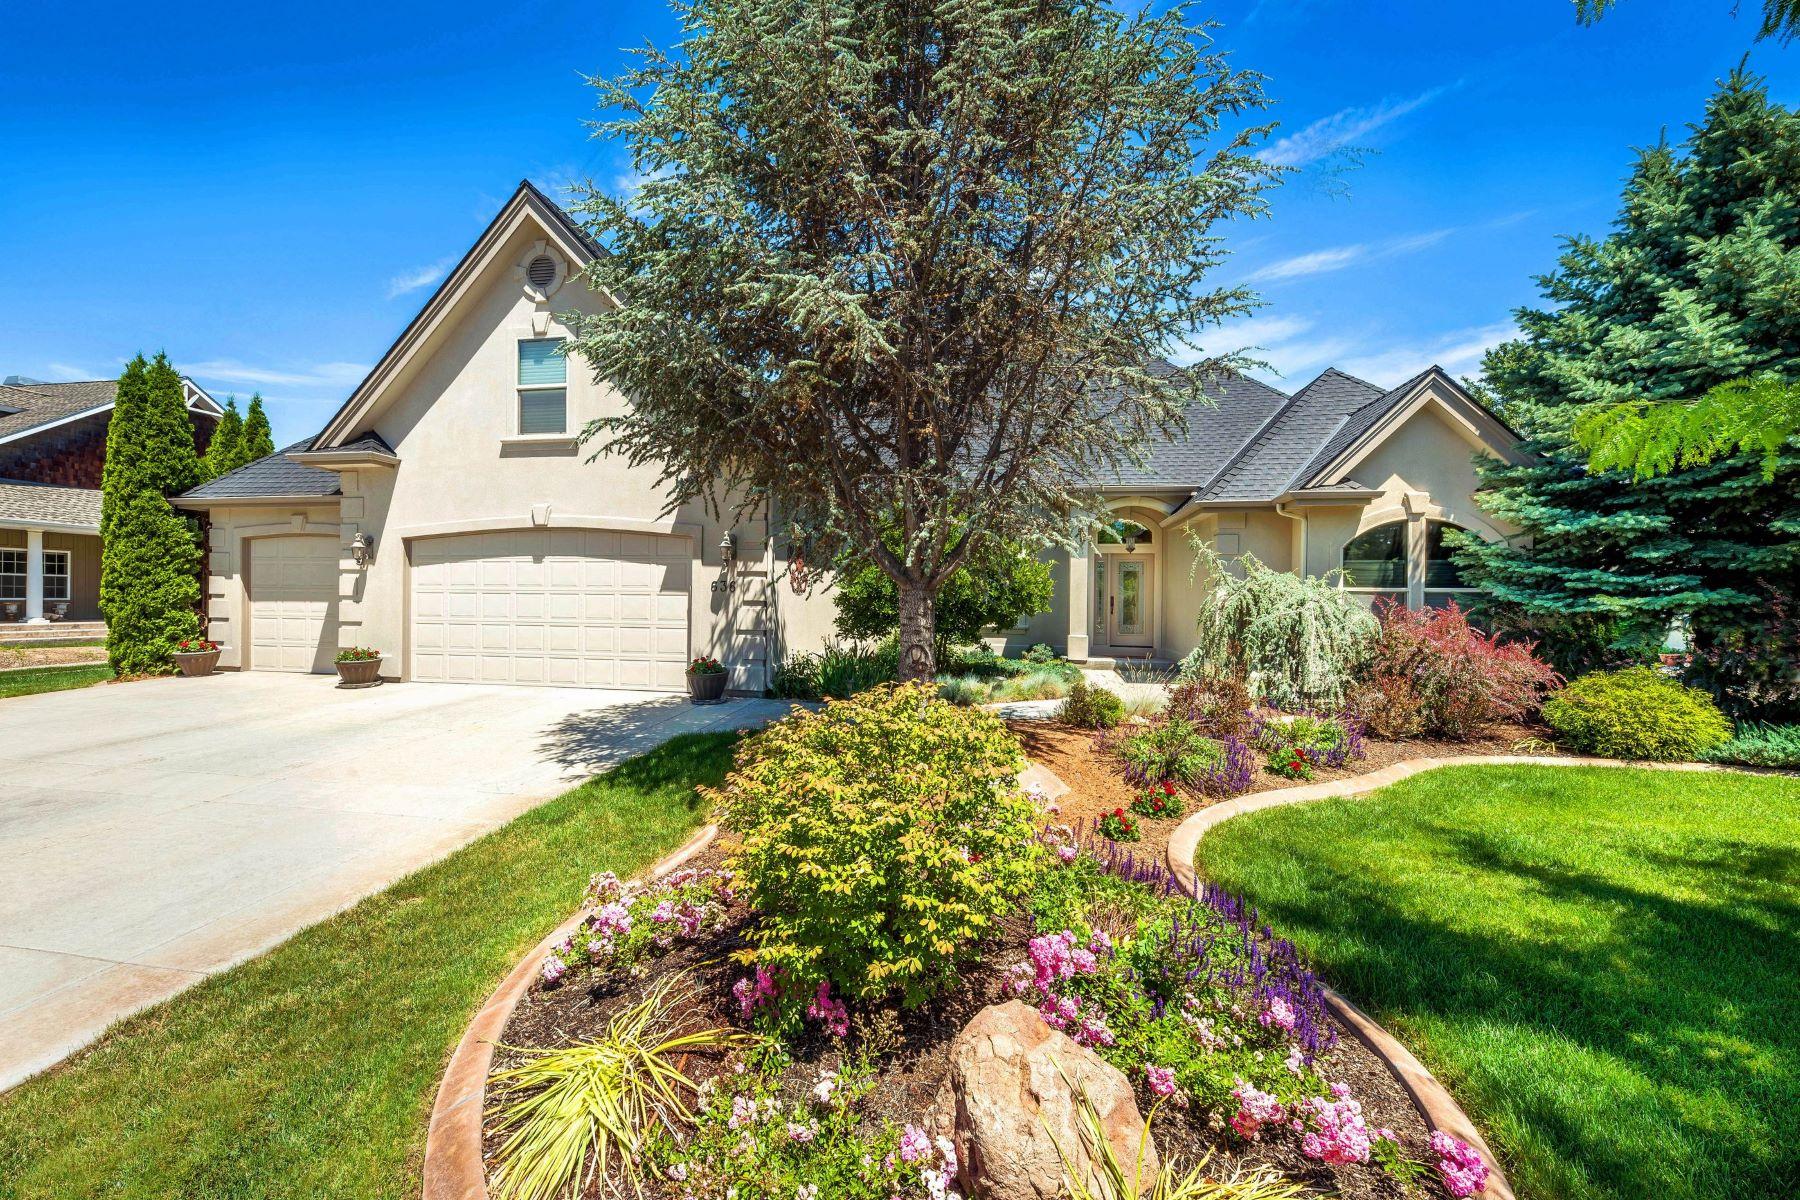 Maison unifamiliale pour l Vente à 636 Colchester Drive, Eagle 636 W Colchester Dr Eagle, Idaho, 83616 États-Unis